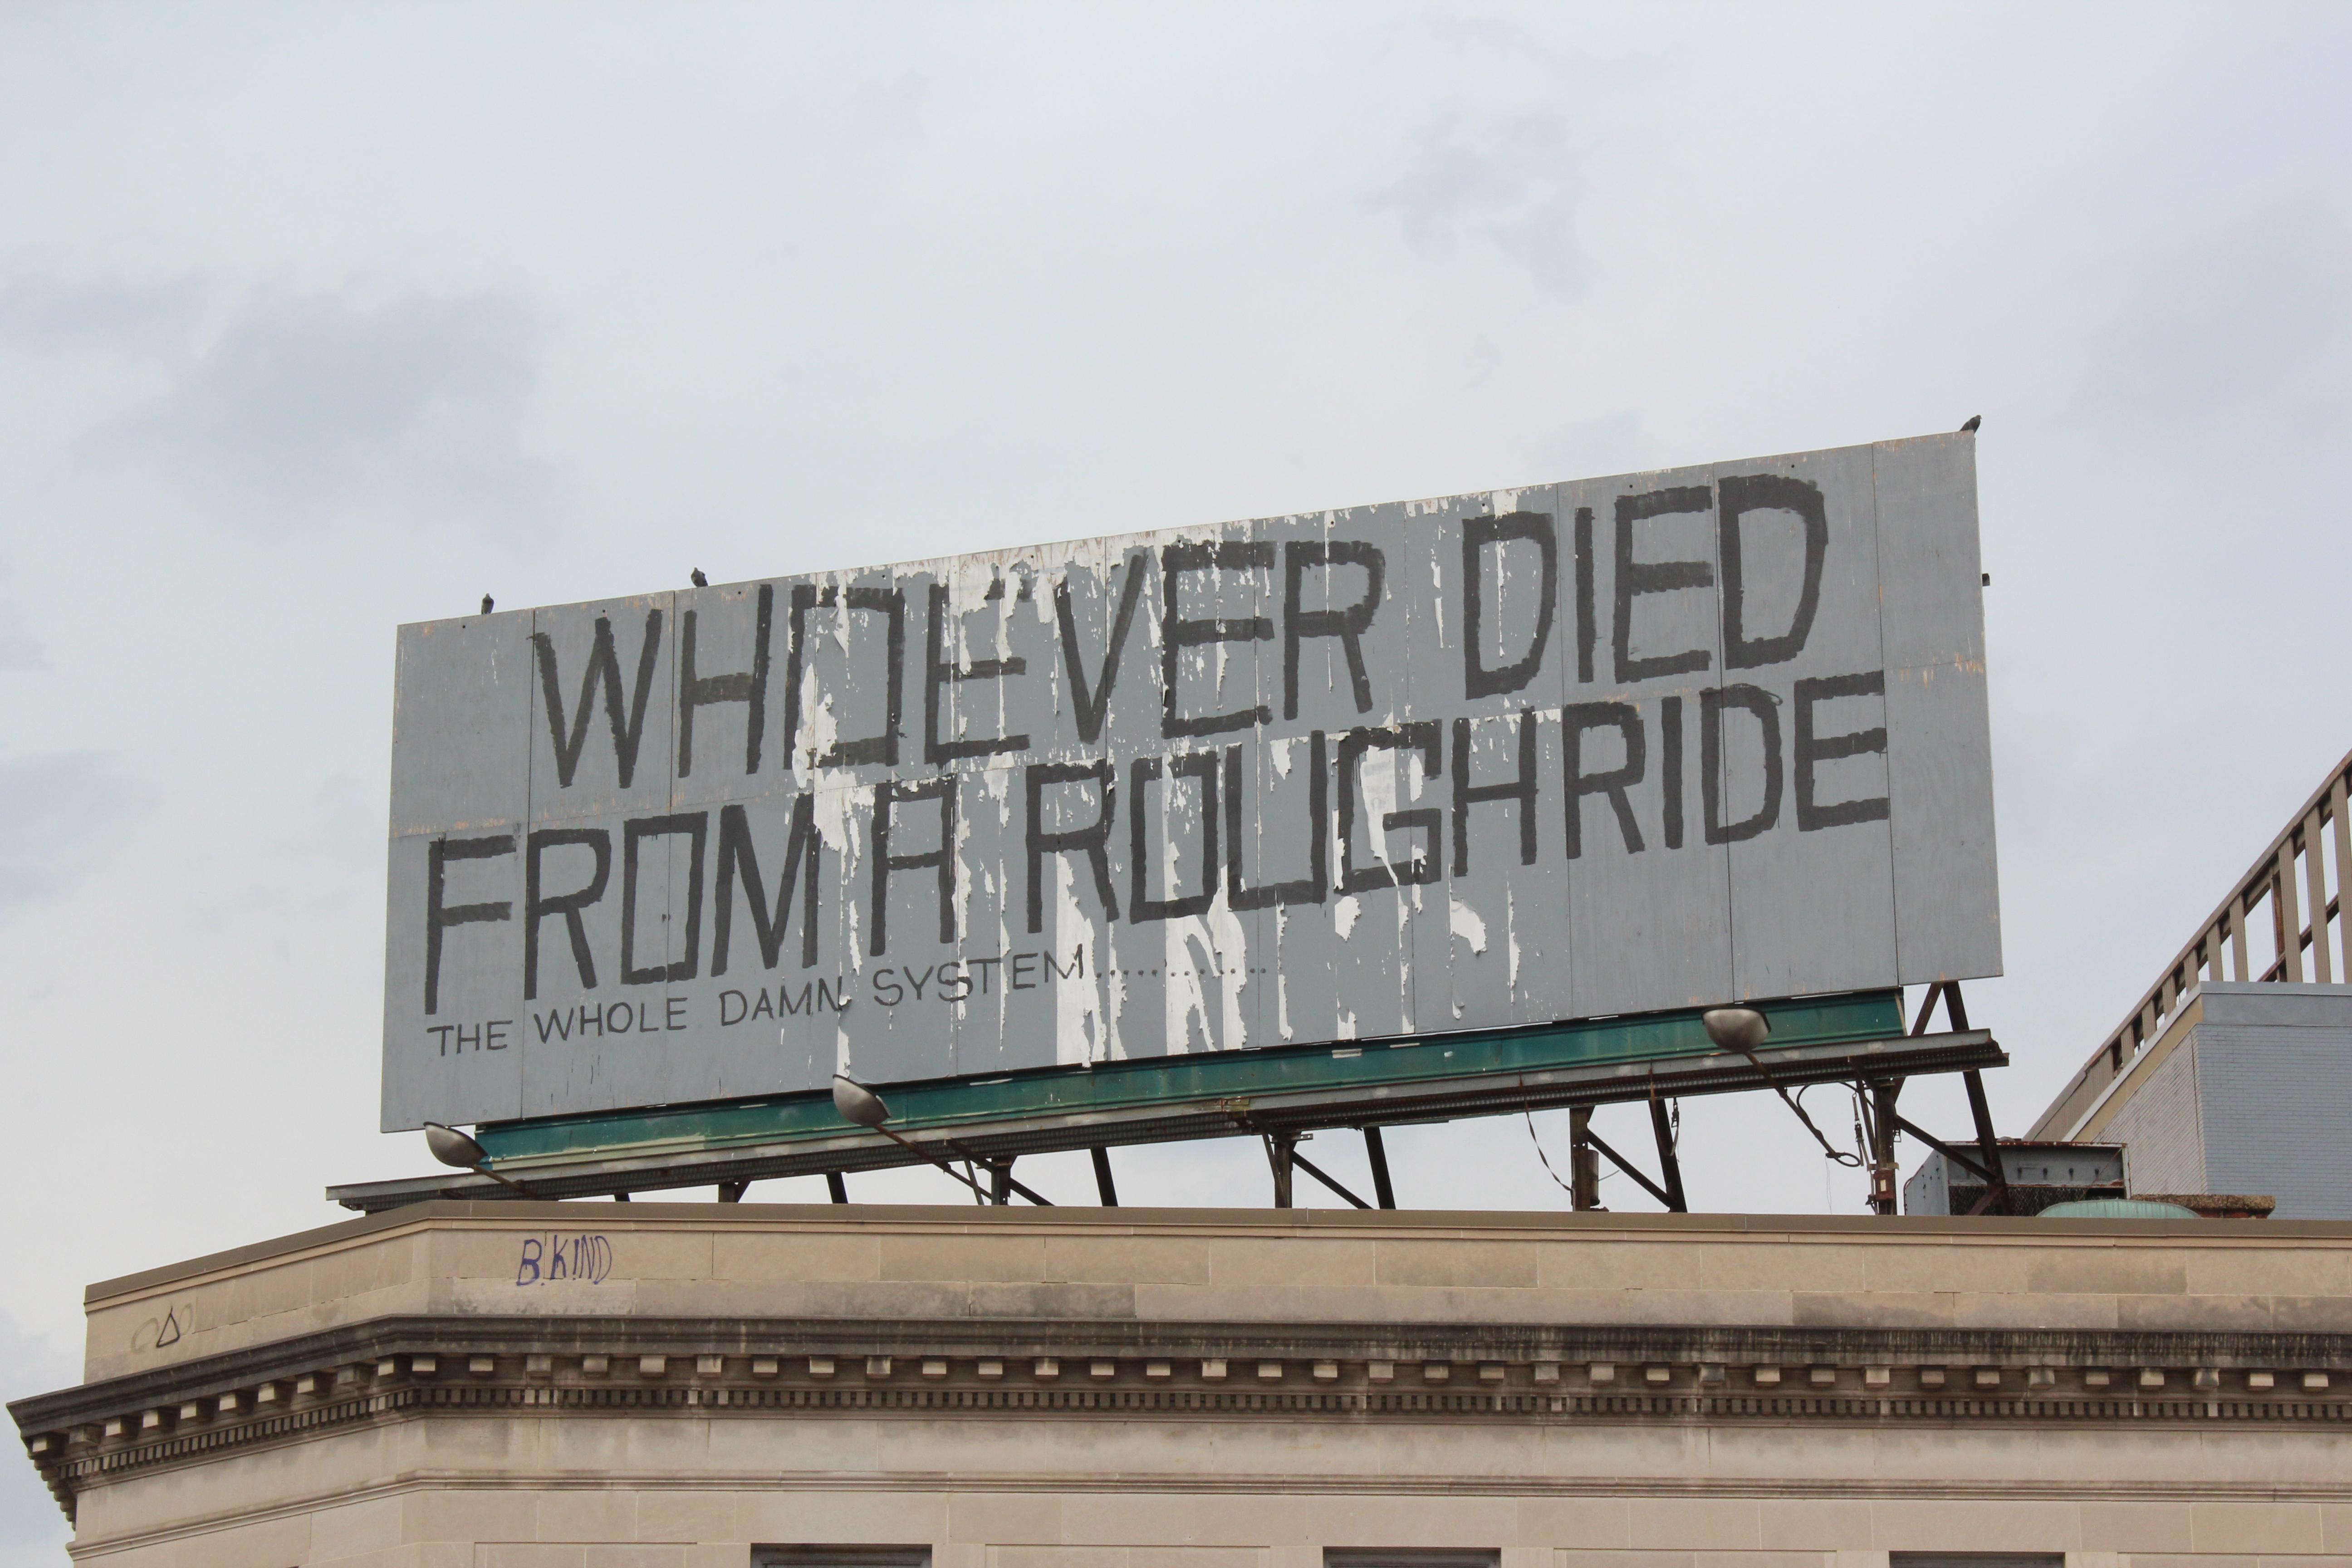 Tag dans le quartier de Sandtown-Winchester en référence à la mort de Freddie Gray. [E.Linder]